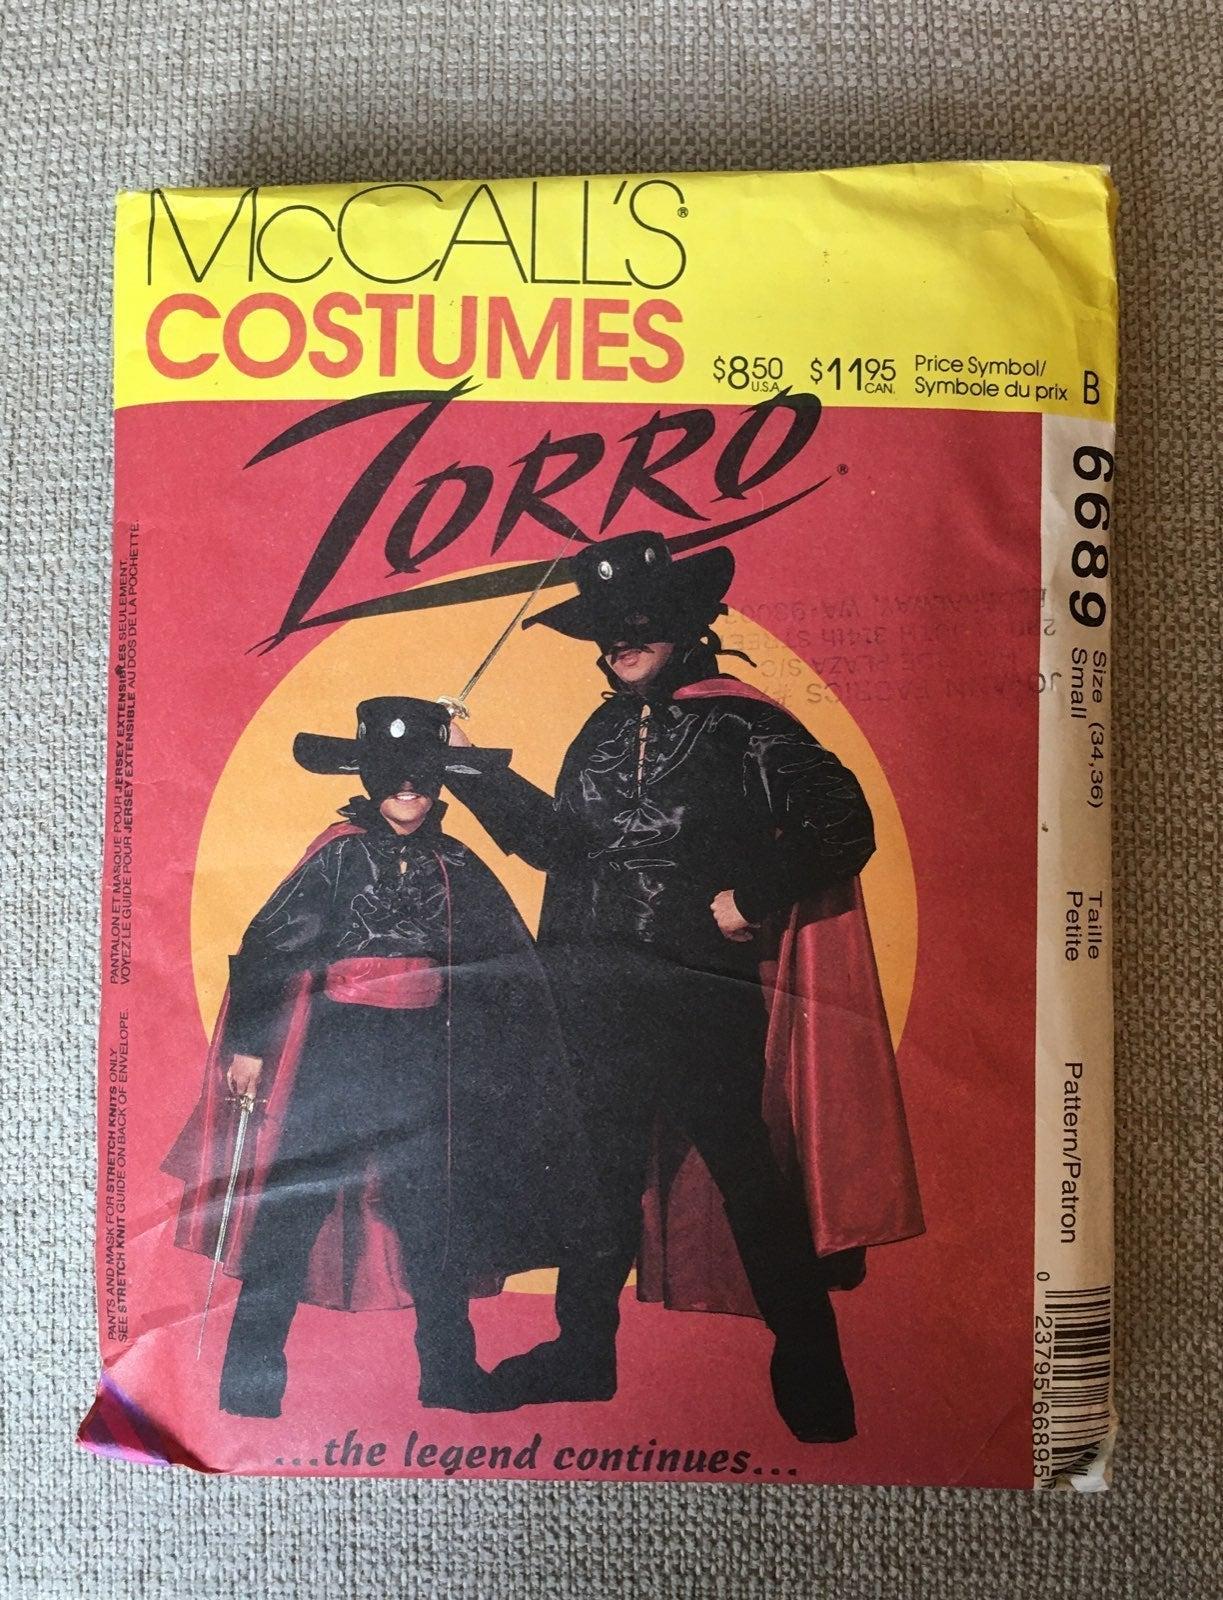 McCall's Costume Pattern 6689 - Zorro